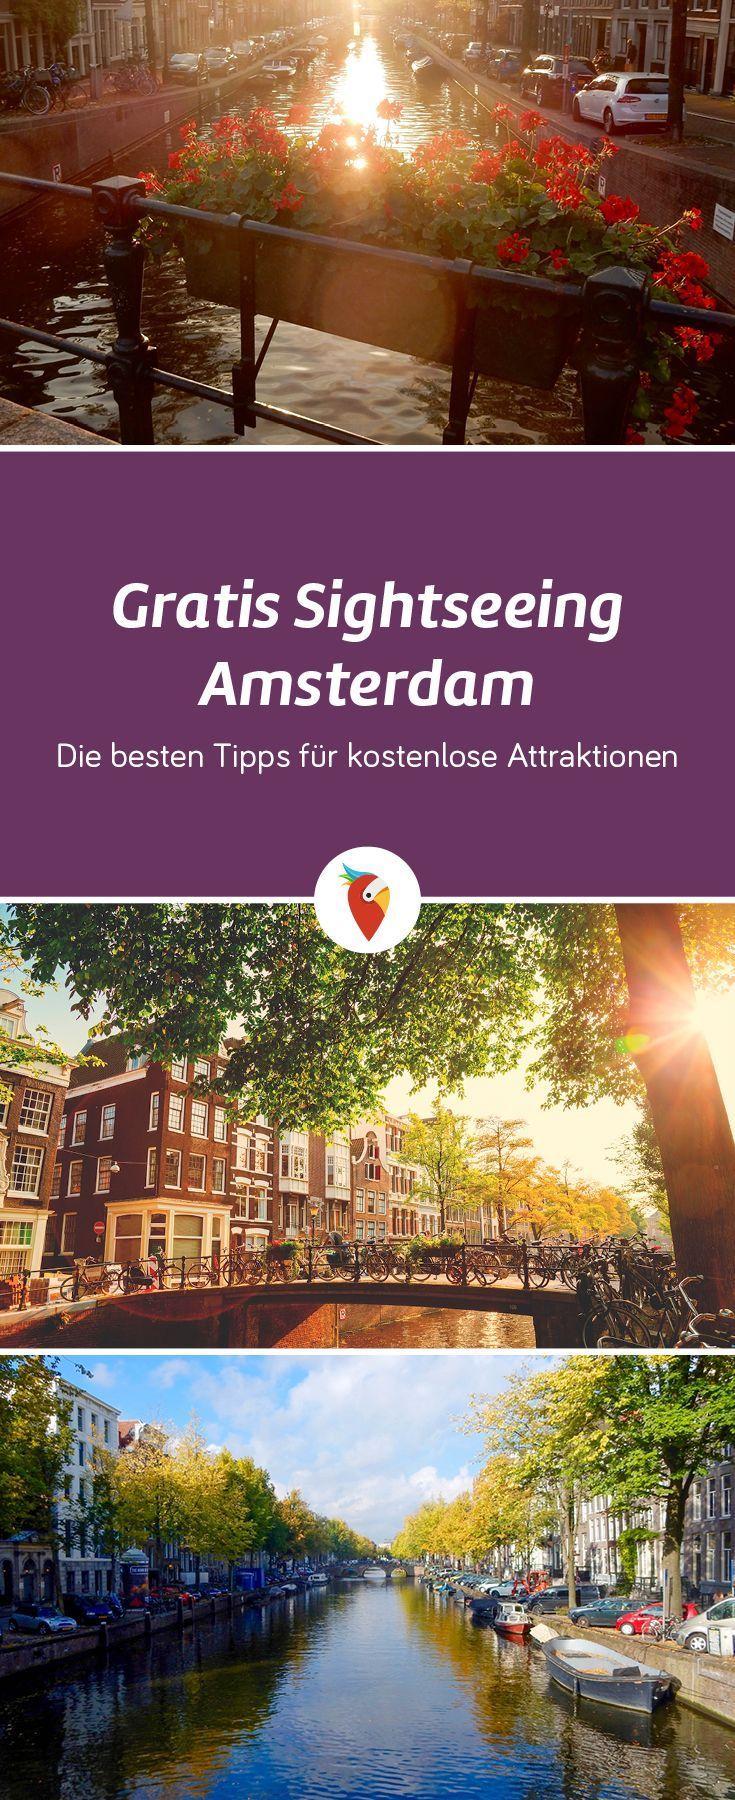 Gratis Sightseeing Amsterdam: Die besten Tipps für kostenlose Attraktionen